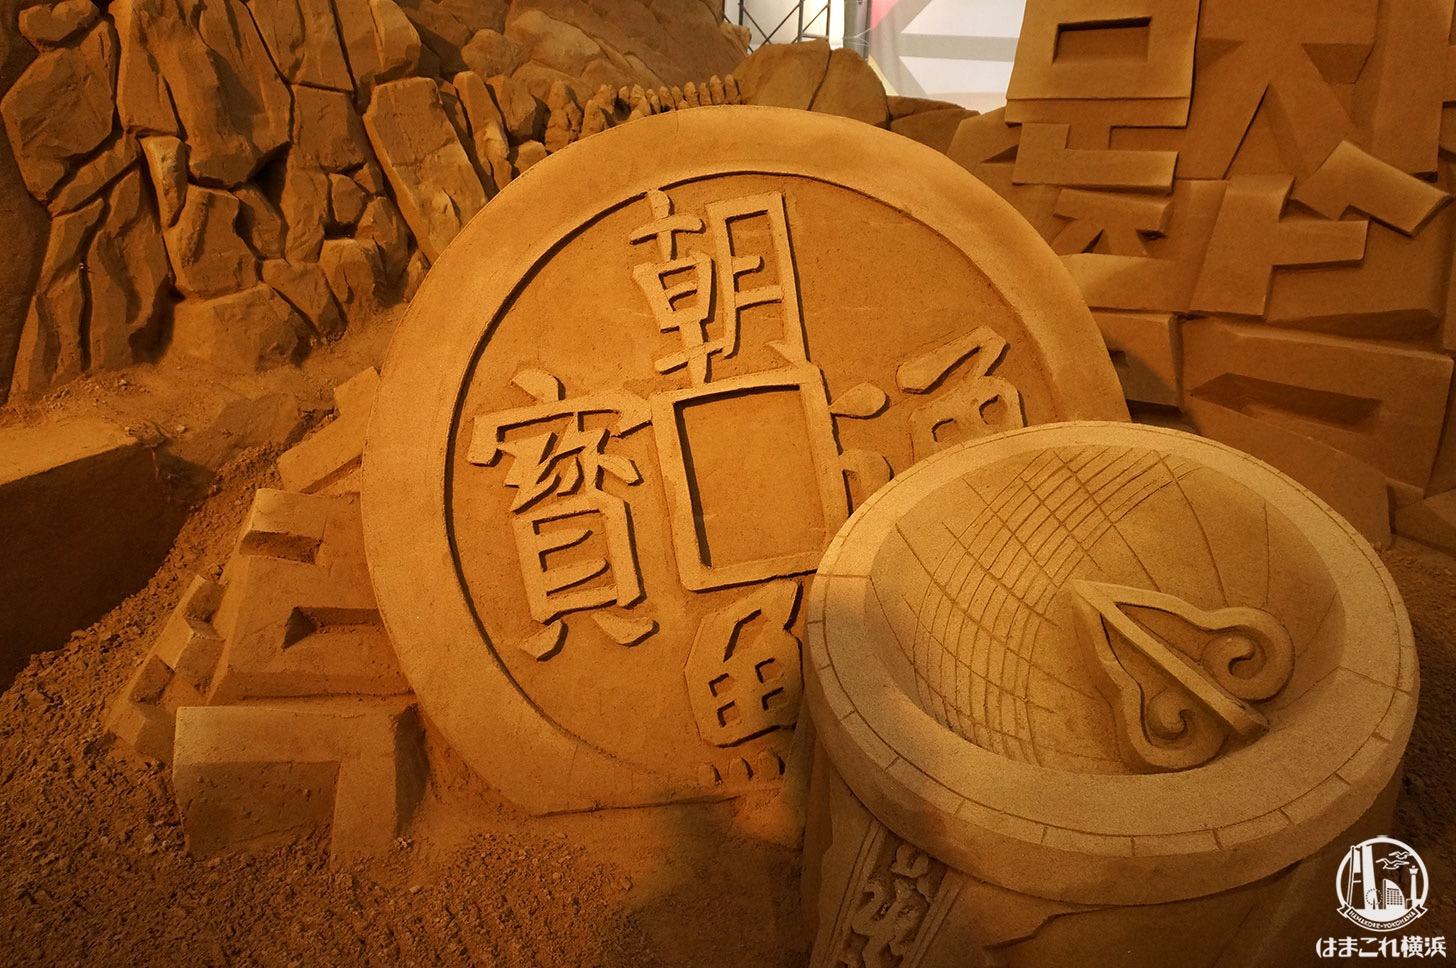 ヨコハマ砂の美術館 砂の彫刻 朝鮮通貨